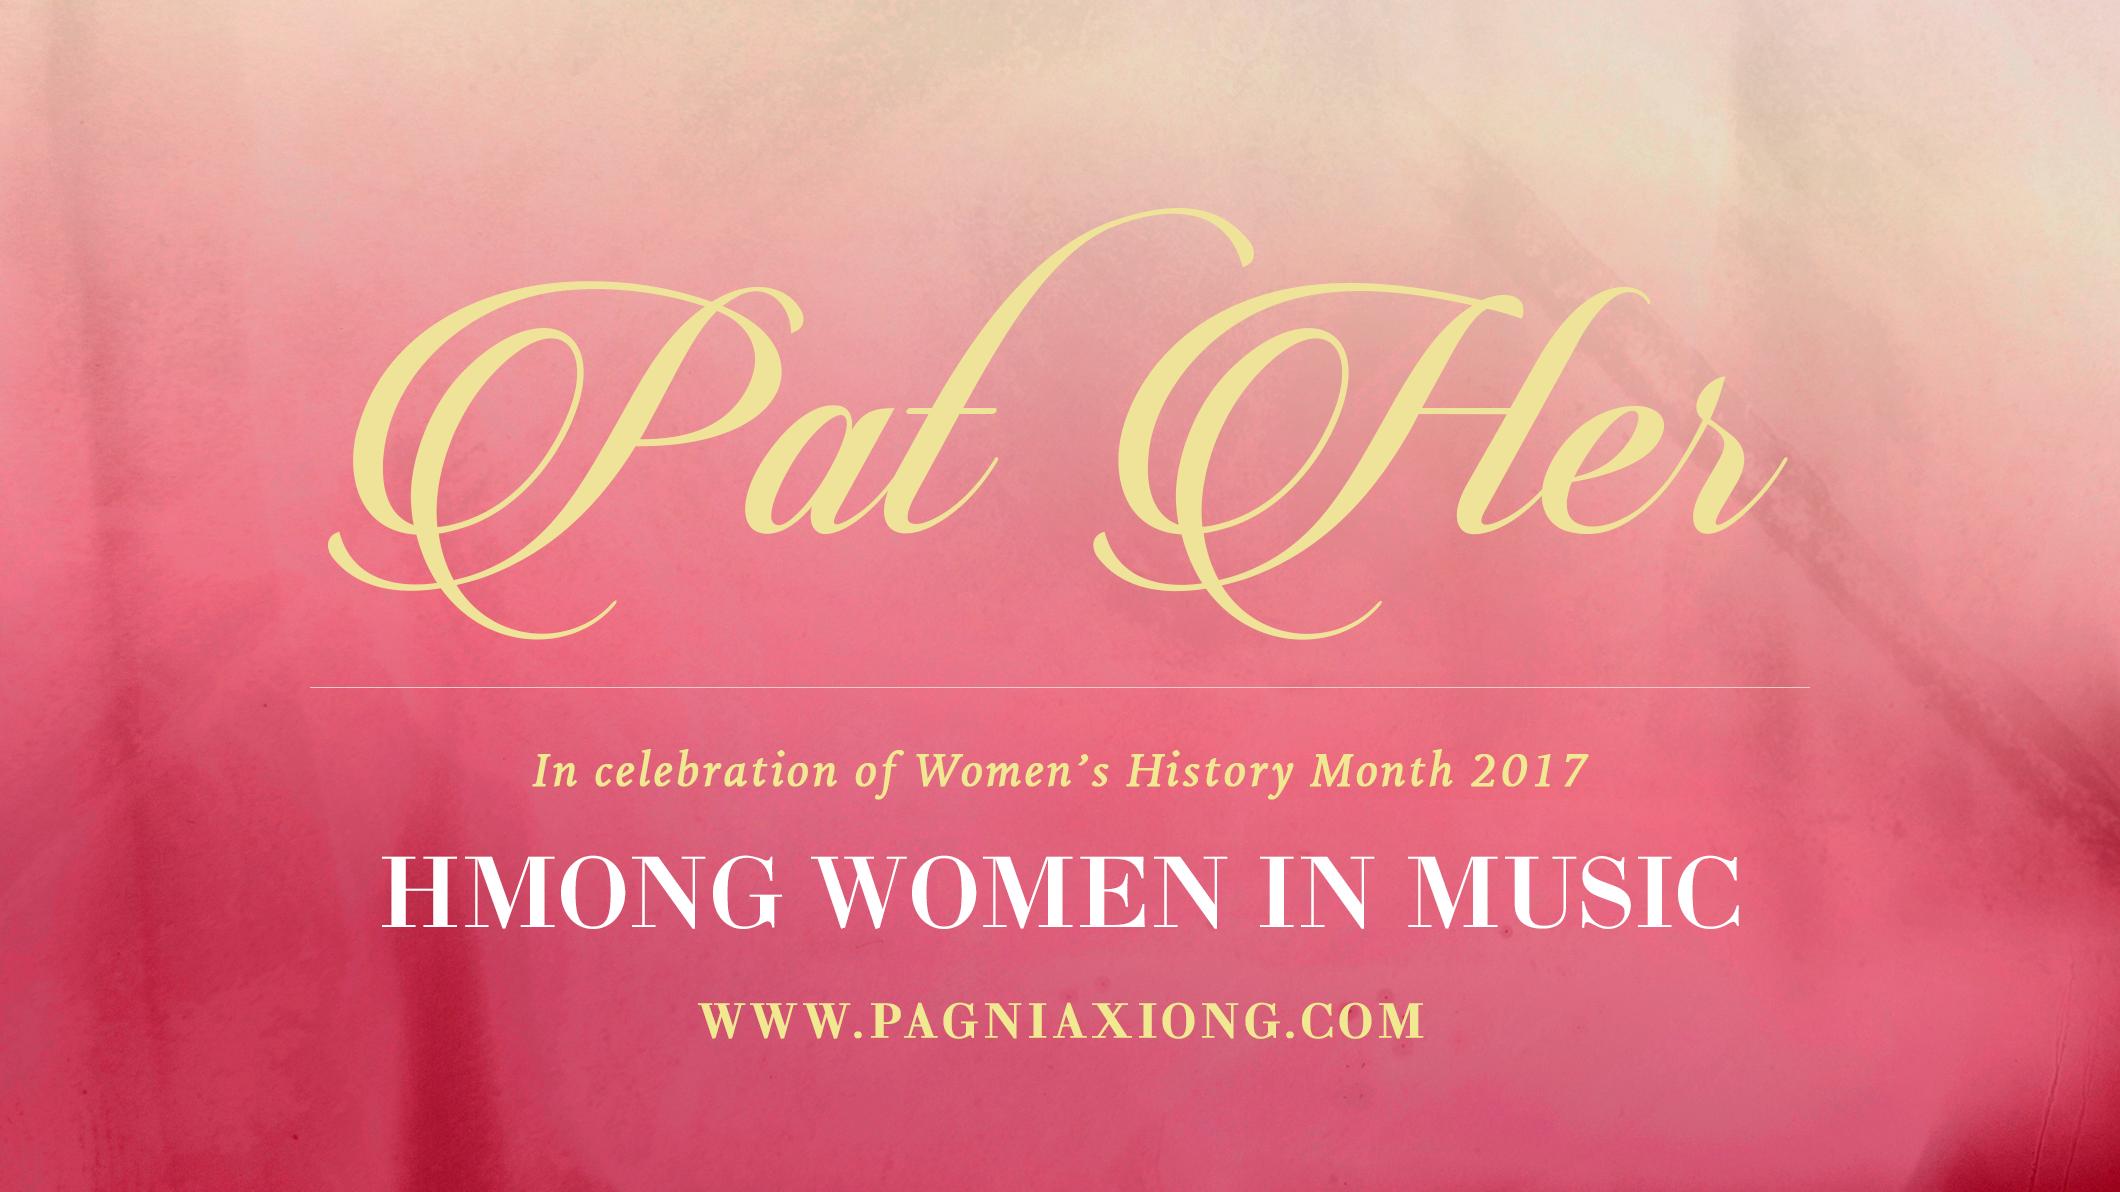 HmongWomenInMusic_PatHer.png